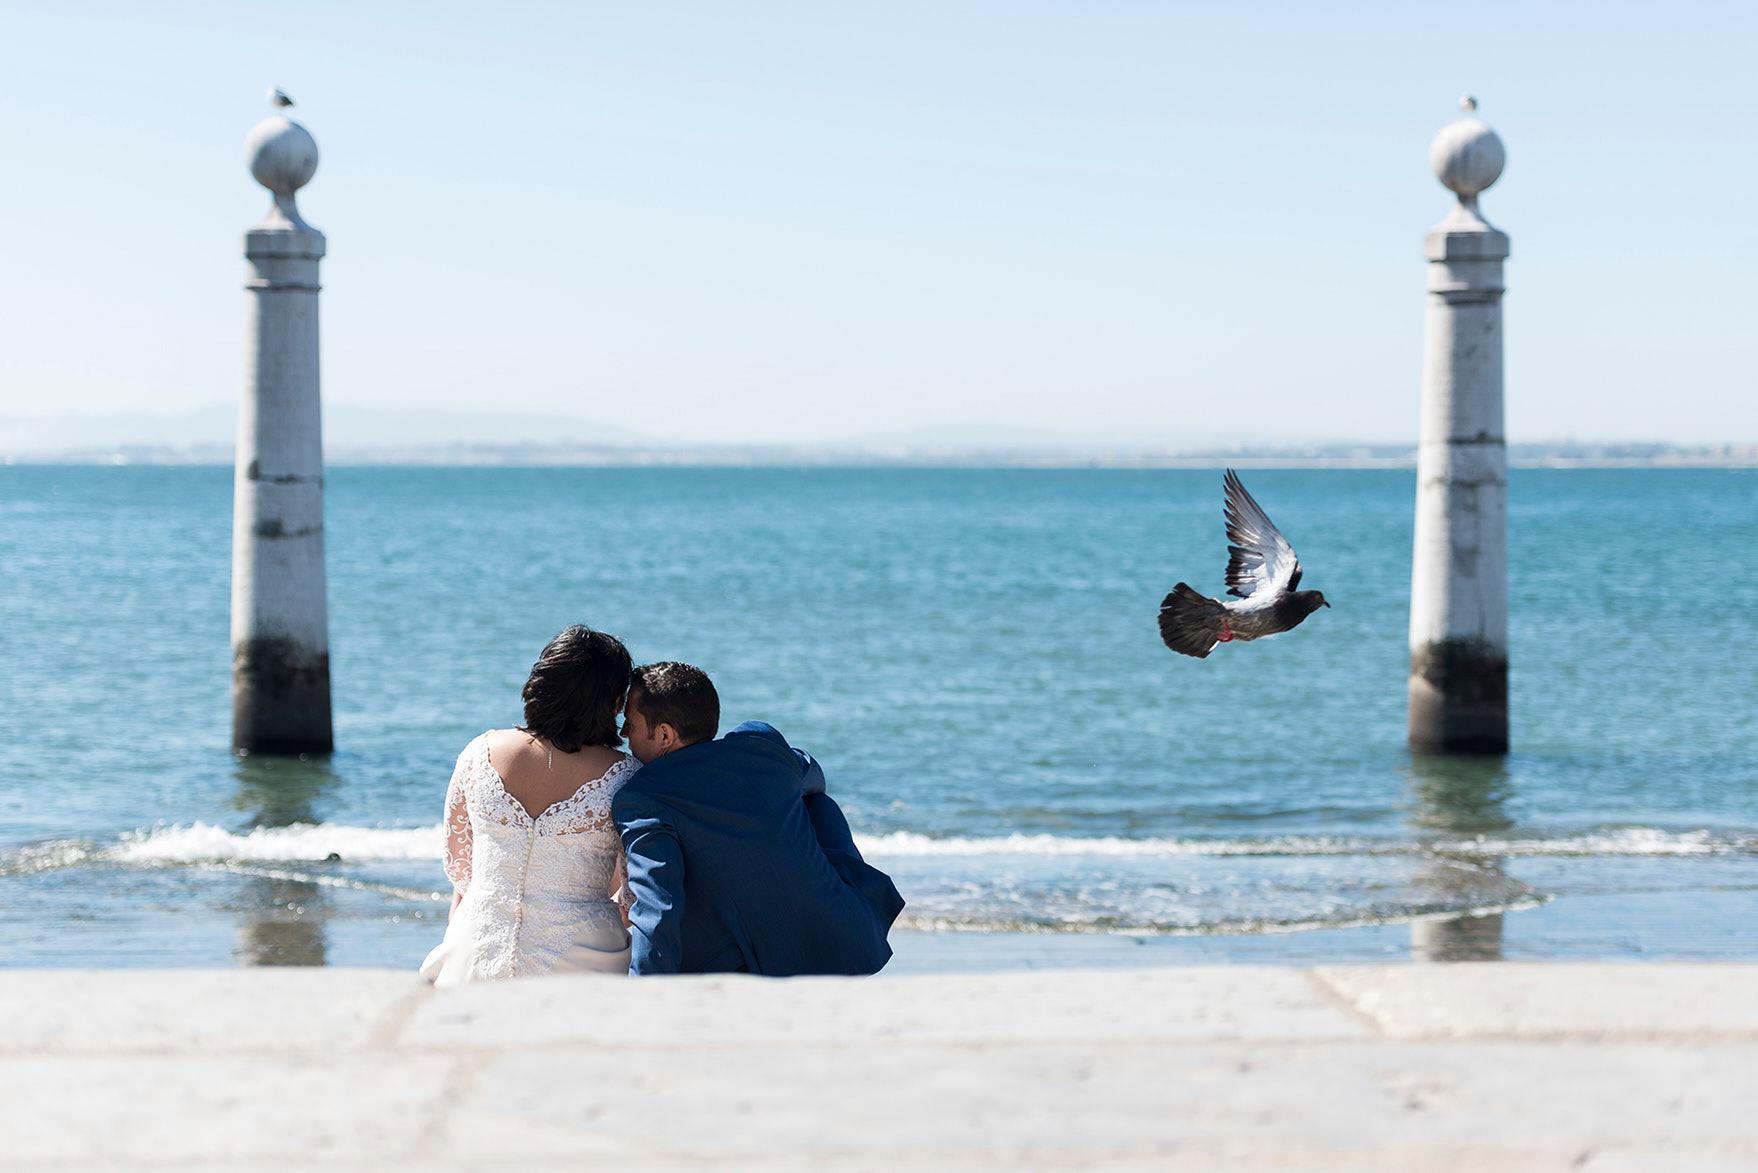 Descubre las fotografías naturales y diferentes de los fotógrafos de Zima Photo en el blog de wedding ideas